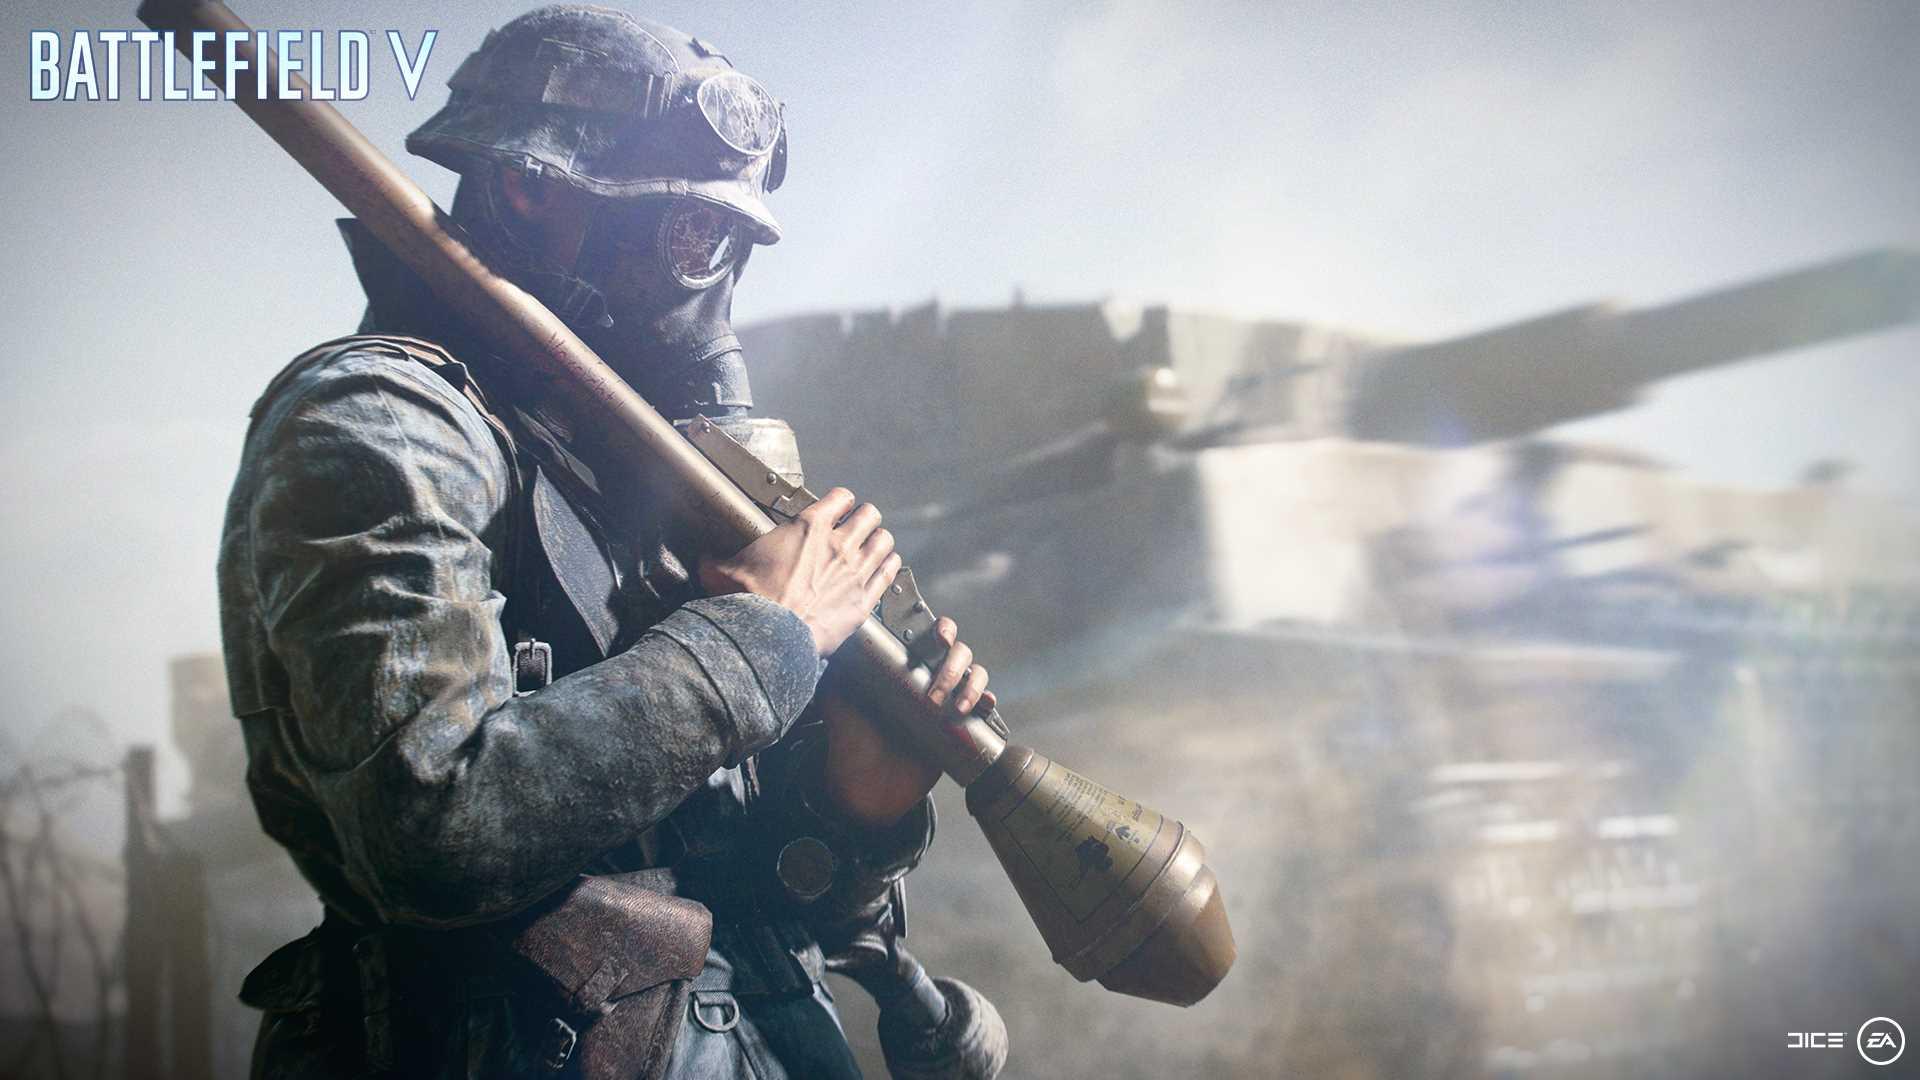 На иллюстрации изображена сцена из игры Battlefield V: штурмовик в противогазе и с гранатомётом в руках стоит на фоне танка